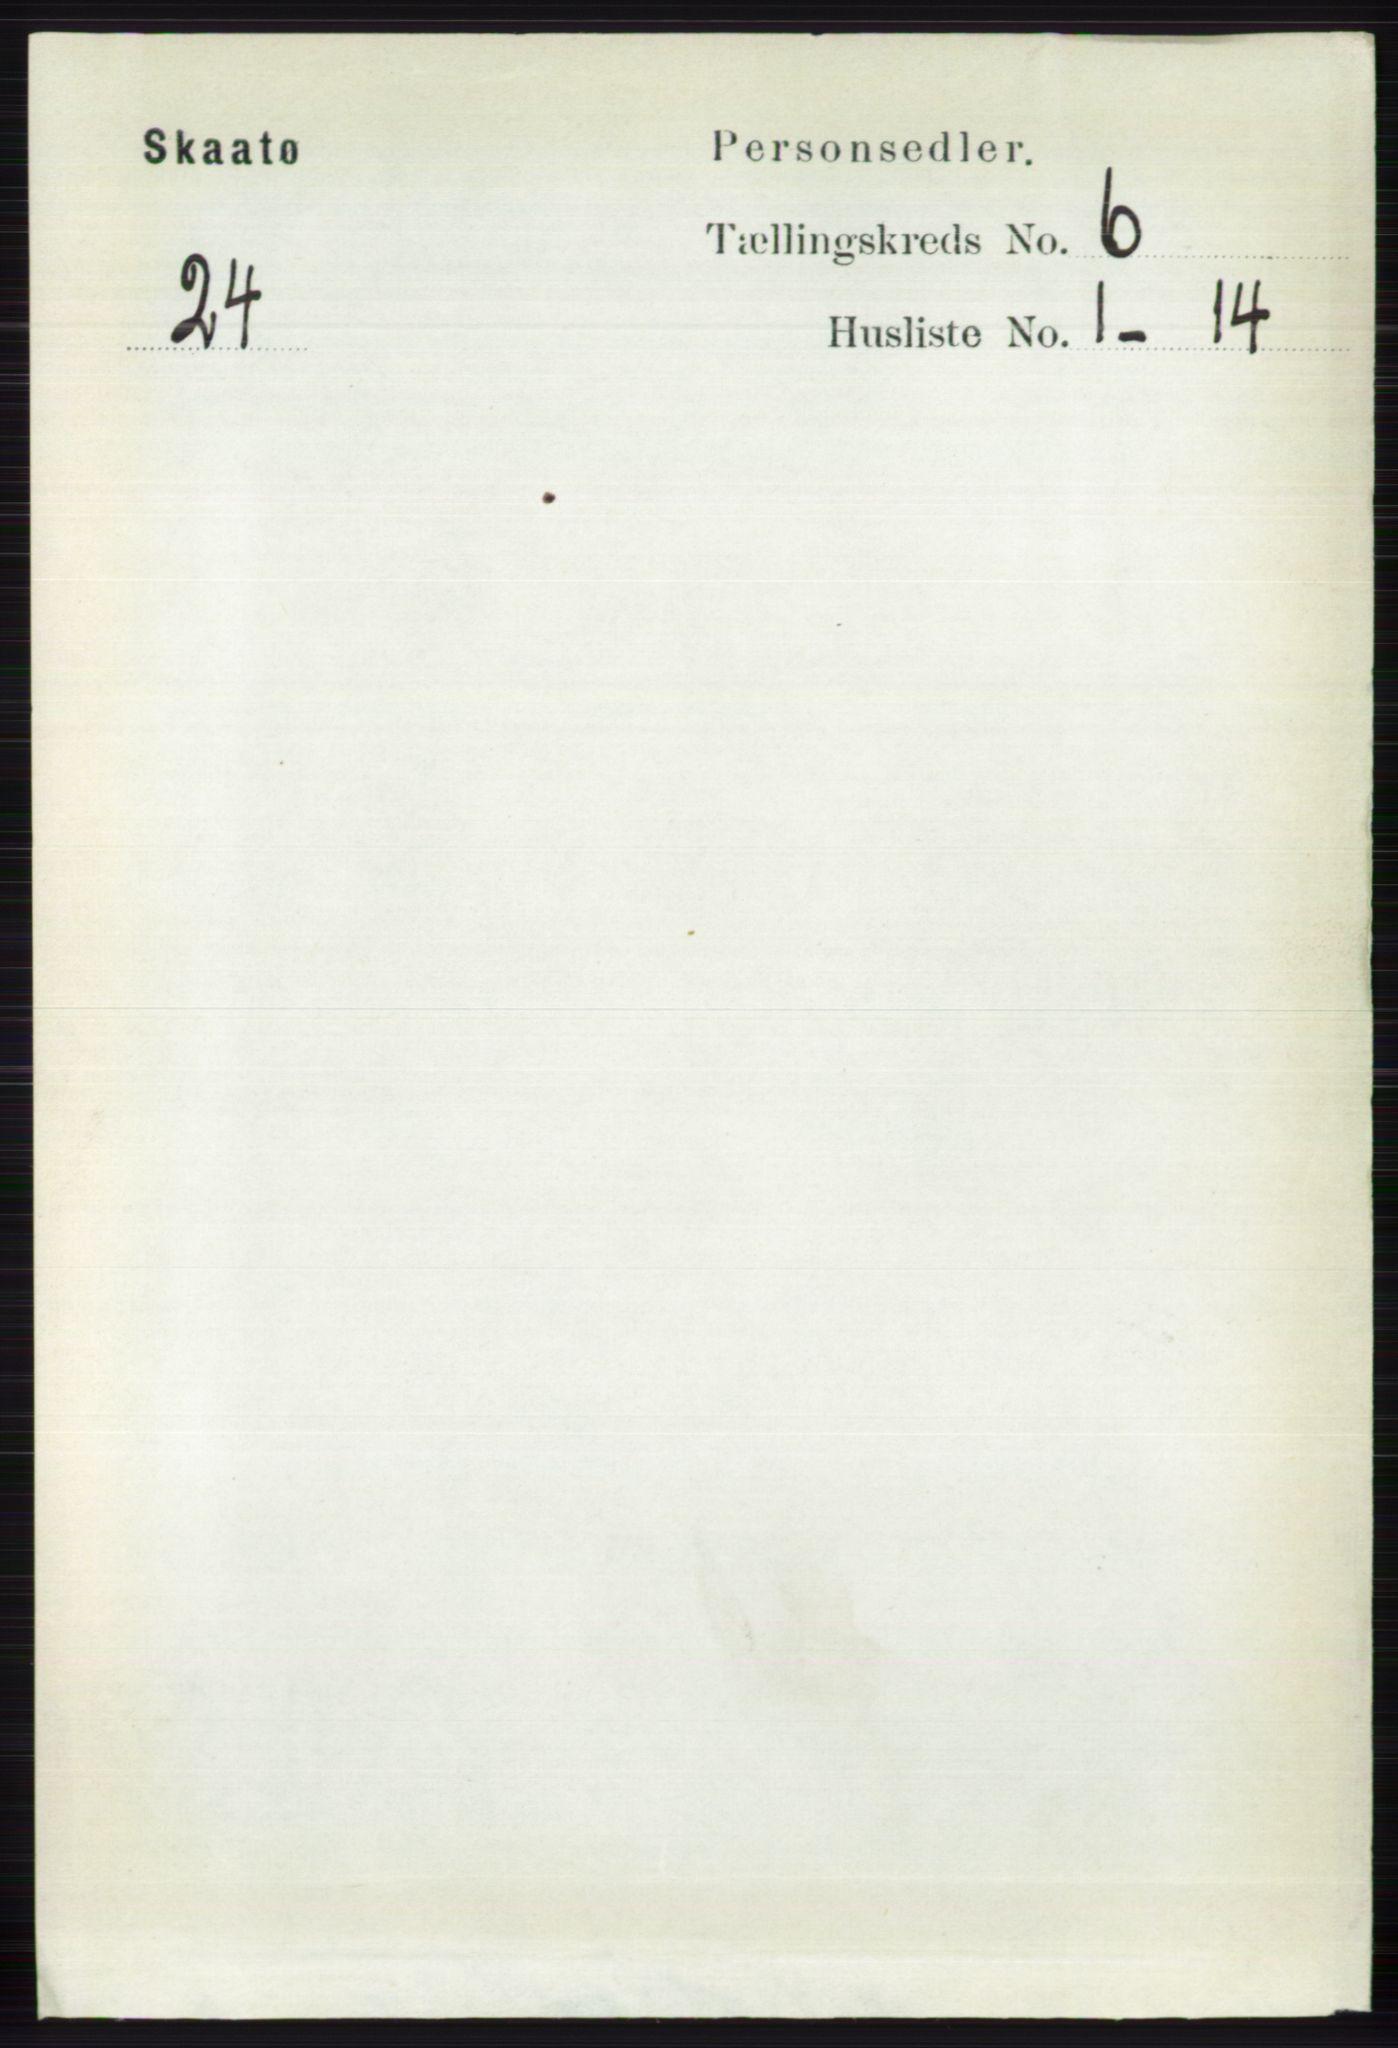 RA, Folketelling 1891 for 0815 Skåtøy herred, 1891, s. 2895